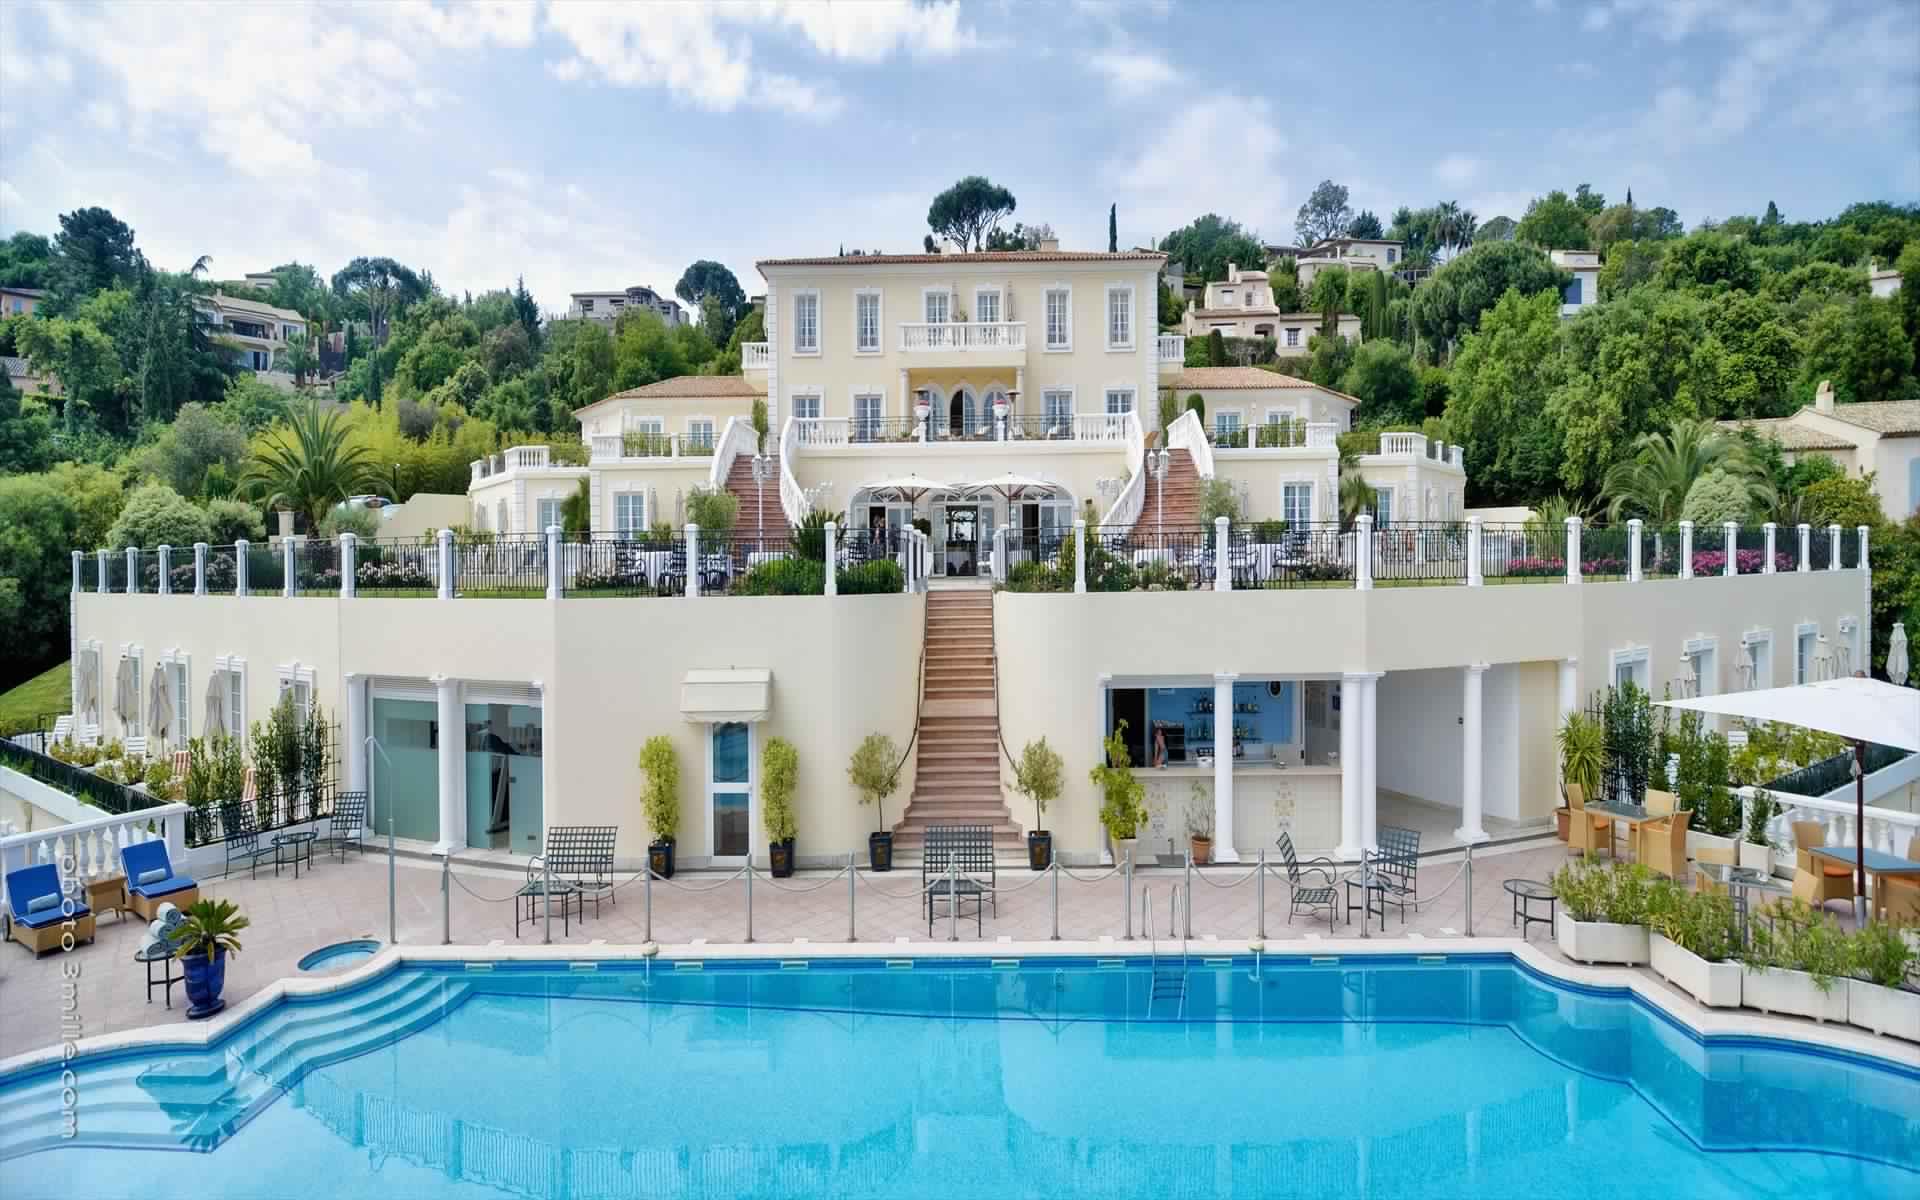 Hotel-Villa-Belrose-St-Tropez-Fashionela